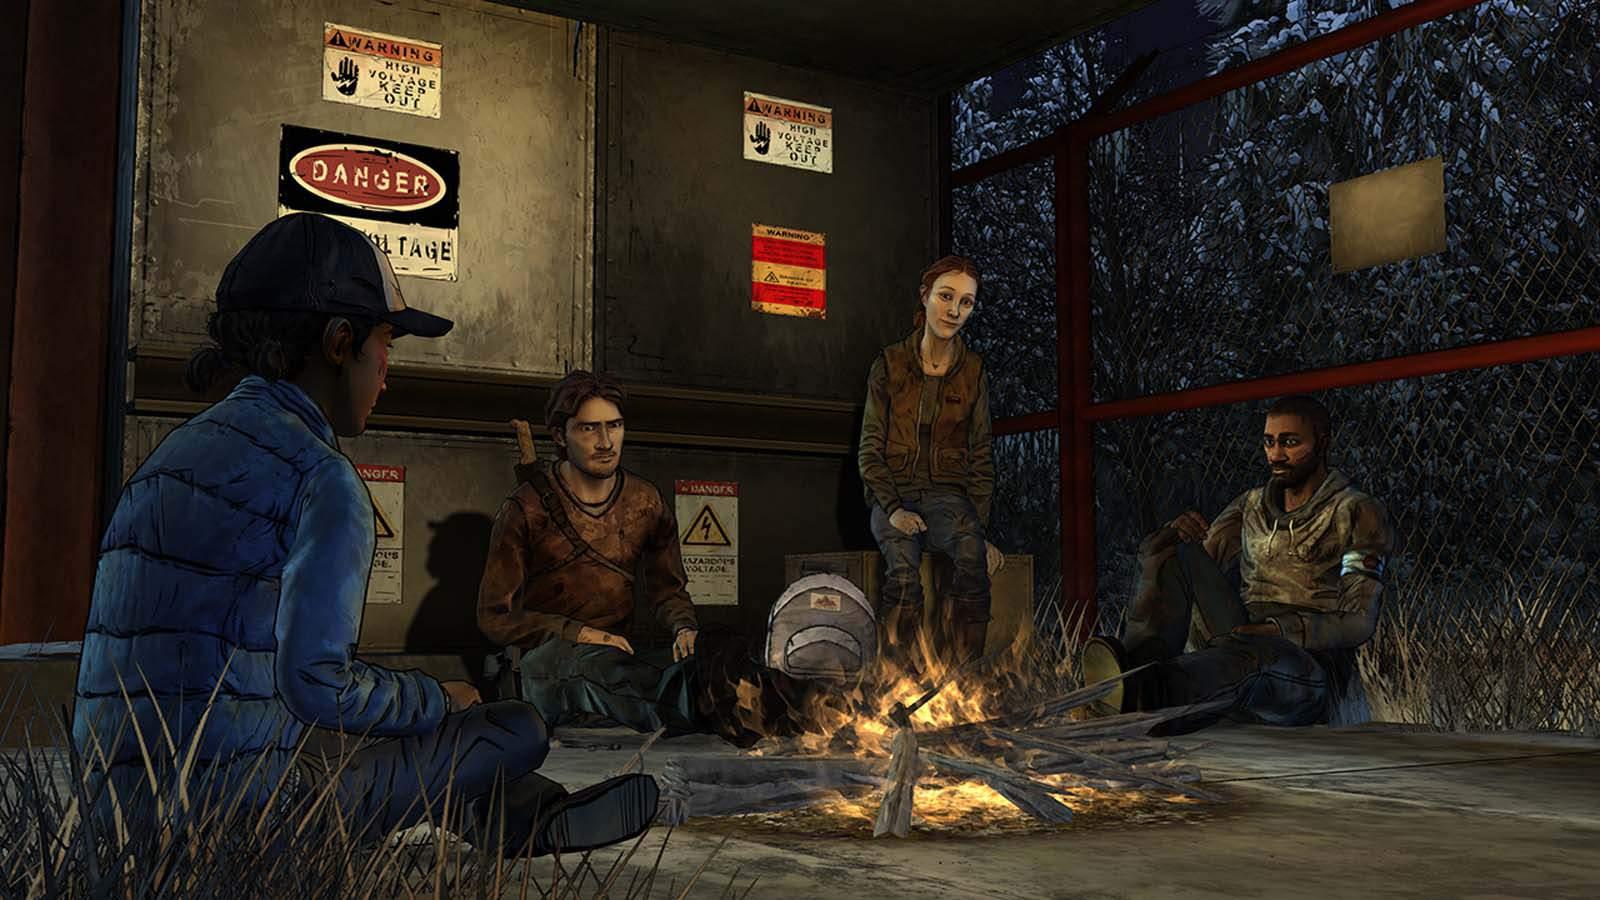 تحميل لعبة The Walking Dead Season 2 مضغوطة برابط واحد مباشر كاملة مجانا